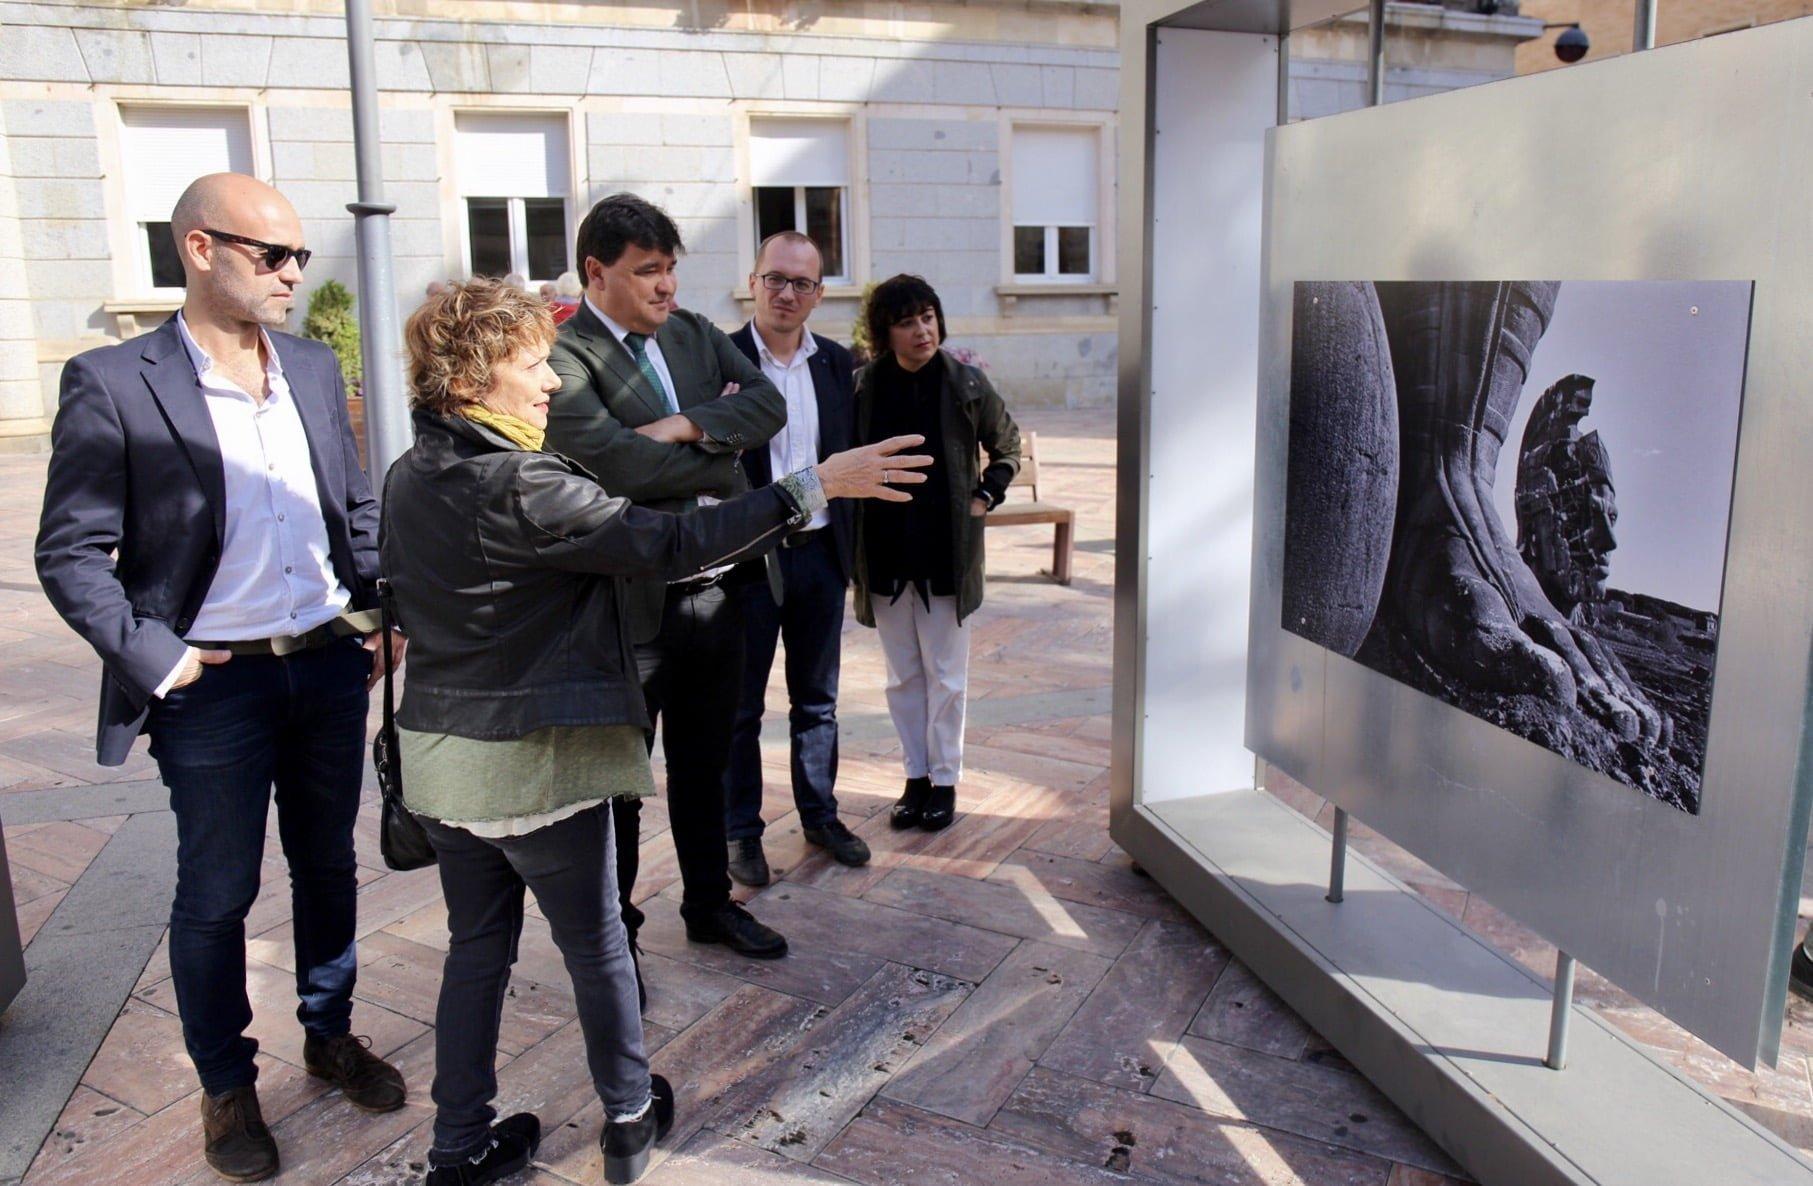 El alcalde de Huelva, el director del Festival de Cine, el coordinardor de (AC/E) y la comisaria de la muestra